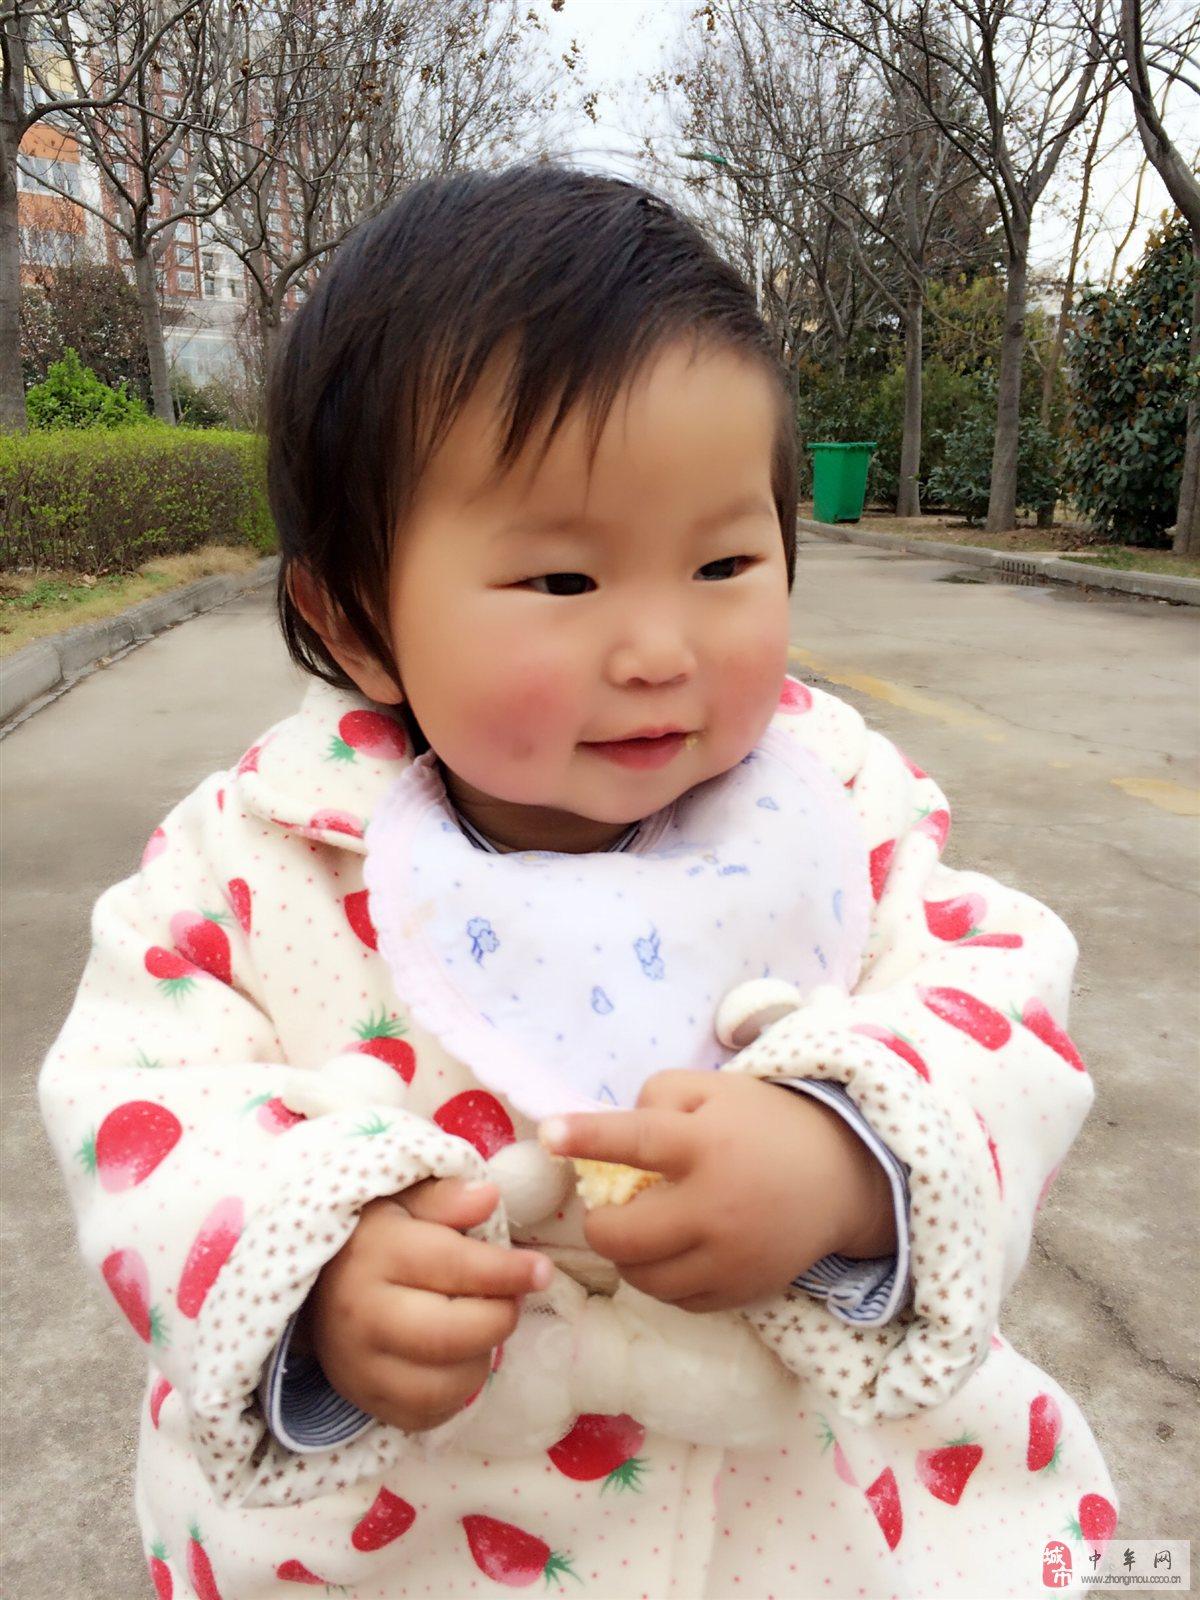 1 宝宝性别:女 宝宝介绍:16个月的宝贝,好奇心很强,活泼,聪明,可爱